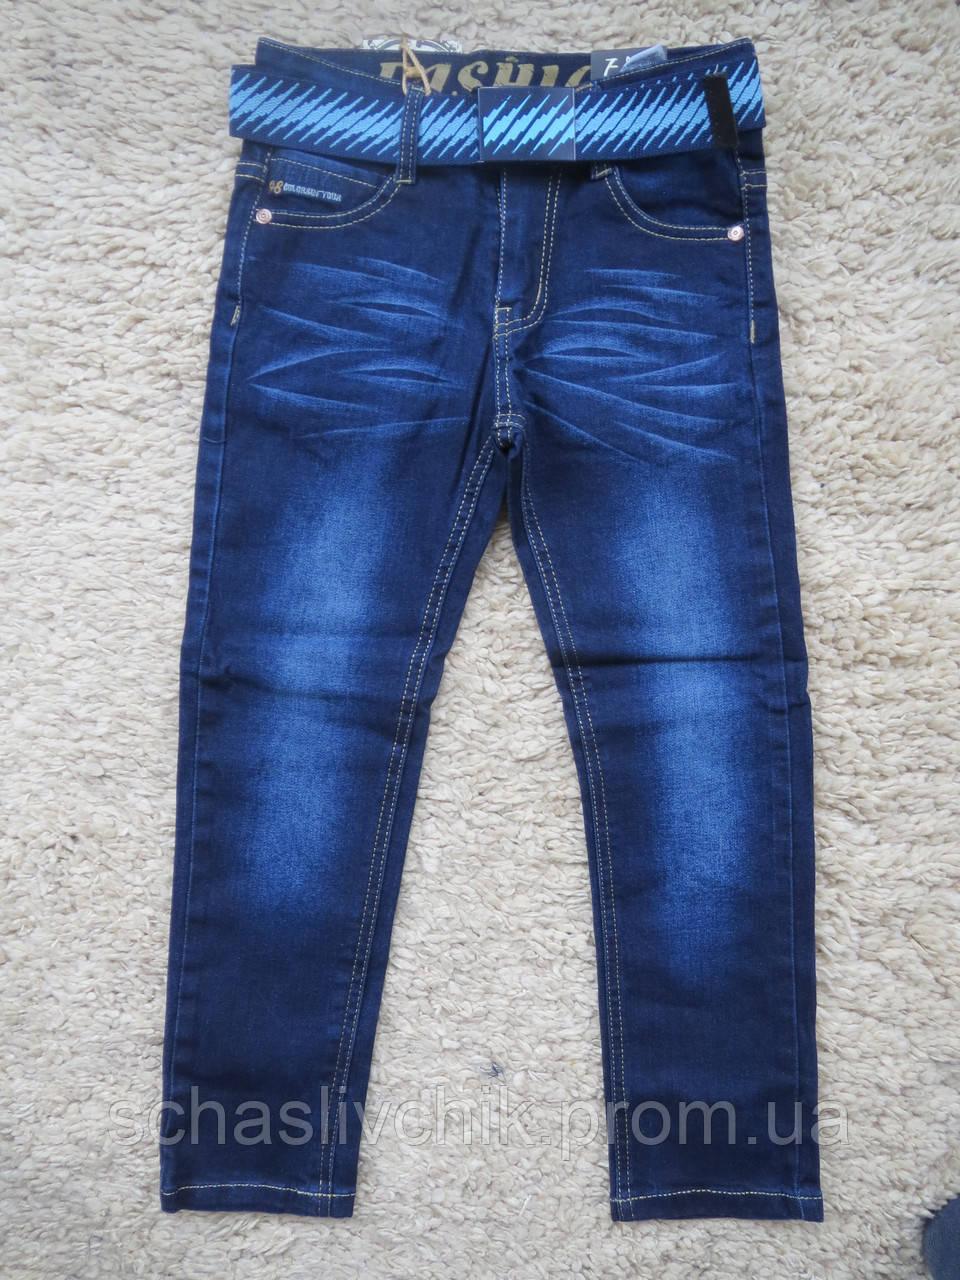 Осенние  джинсы для мальчиков подростков с Венгрии оптом , размер 116-146, фирма F&D